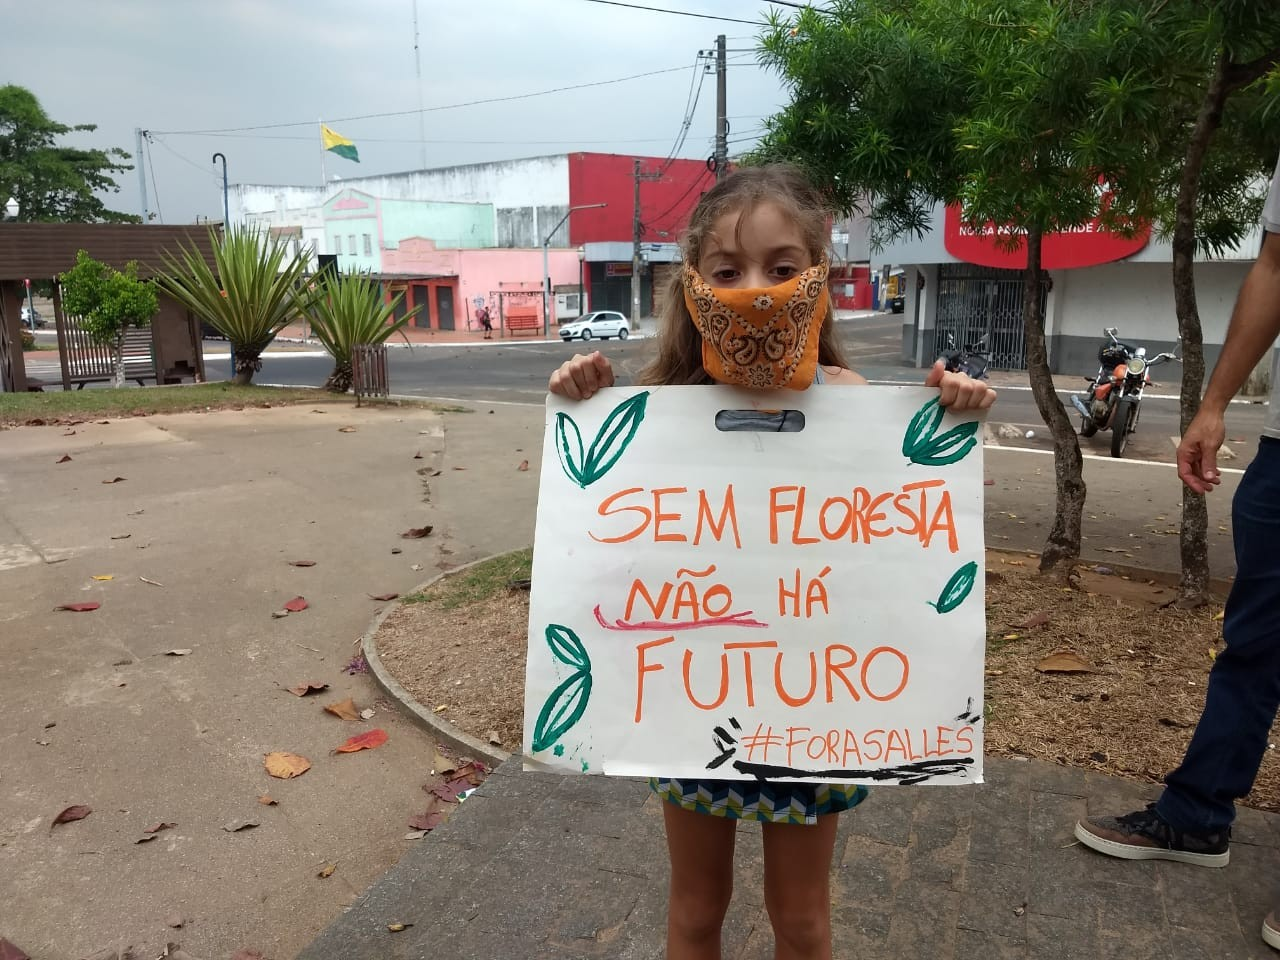 No AC, manifestantes vão às ruas para protestar contra queimadas na Amazônia - Notícias - Plantão Diário